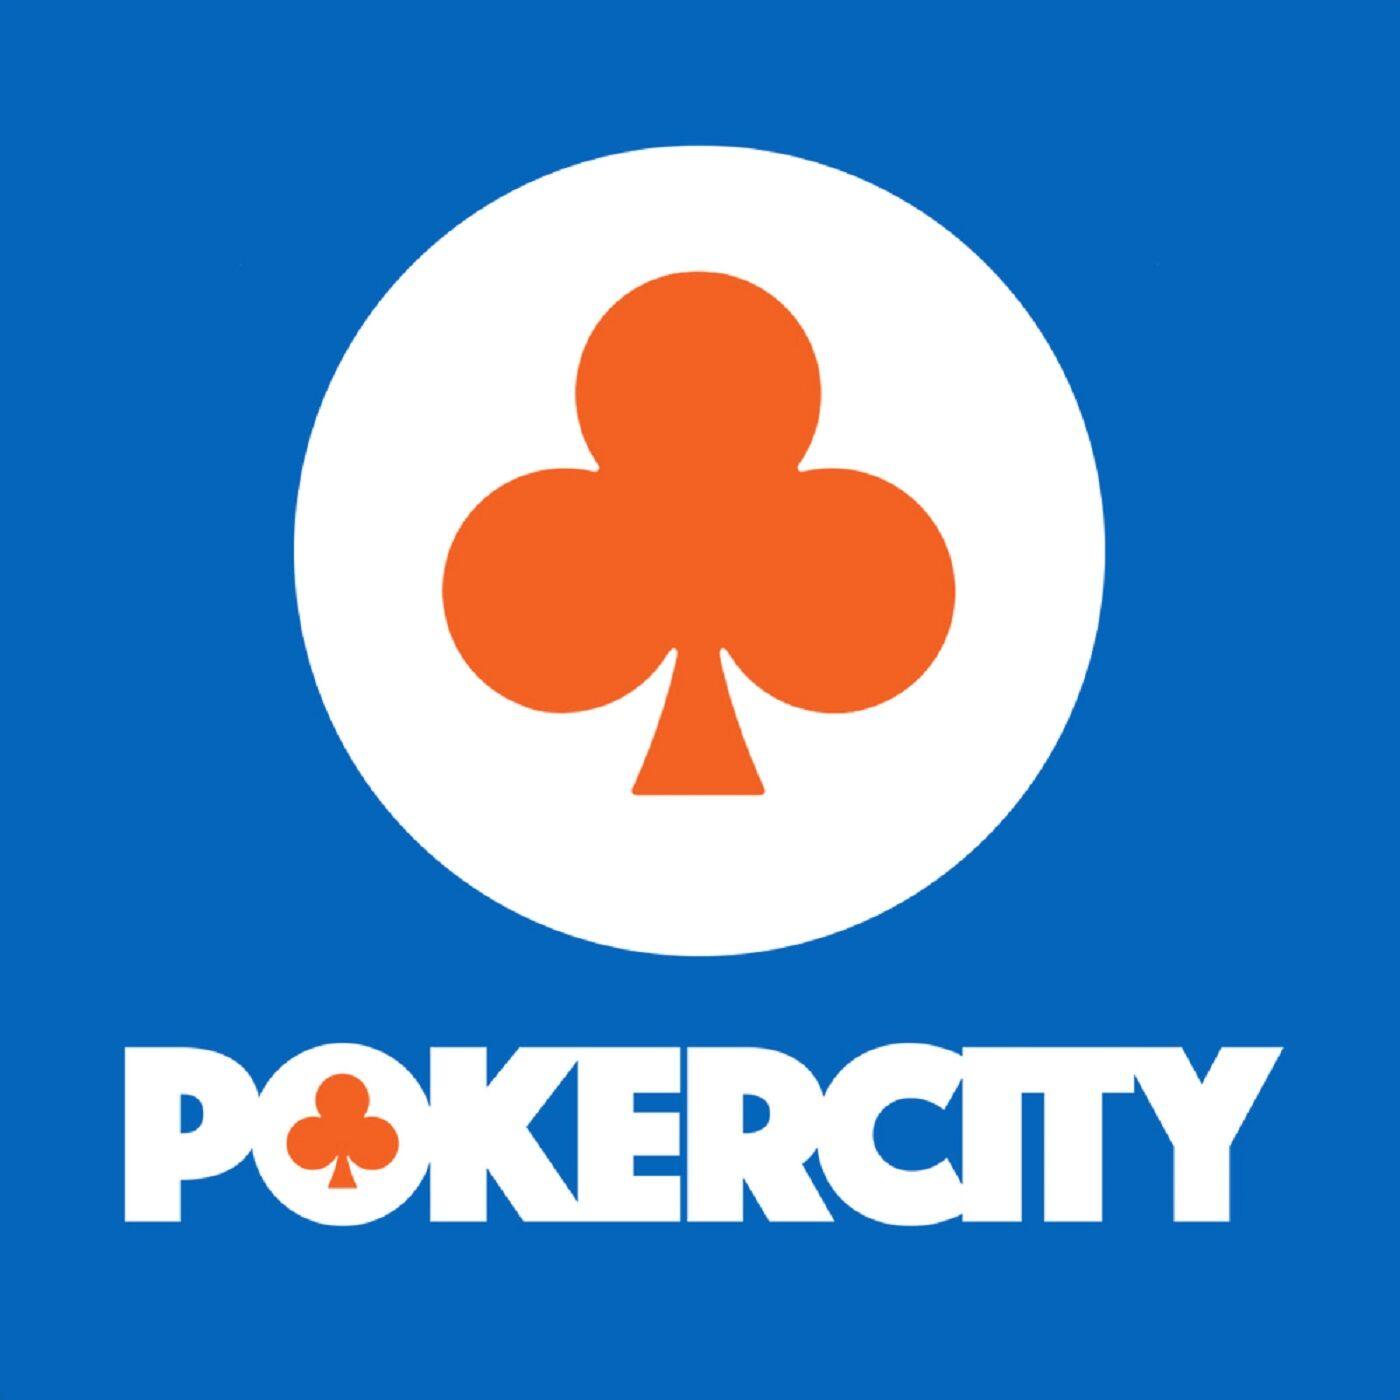 PokerCity Podcast logo